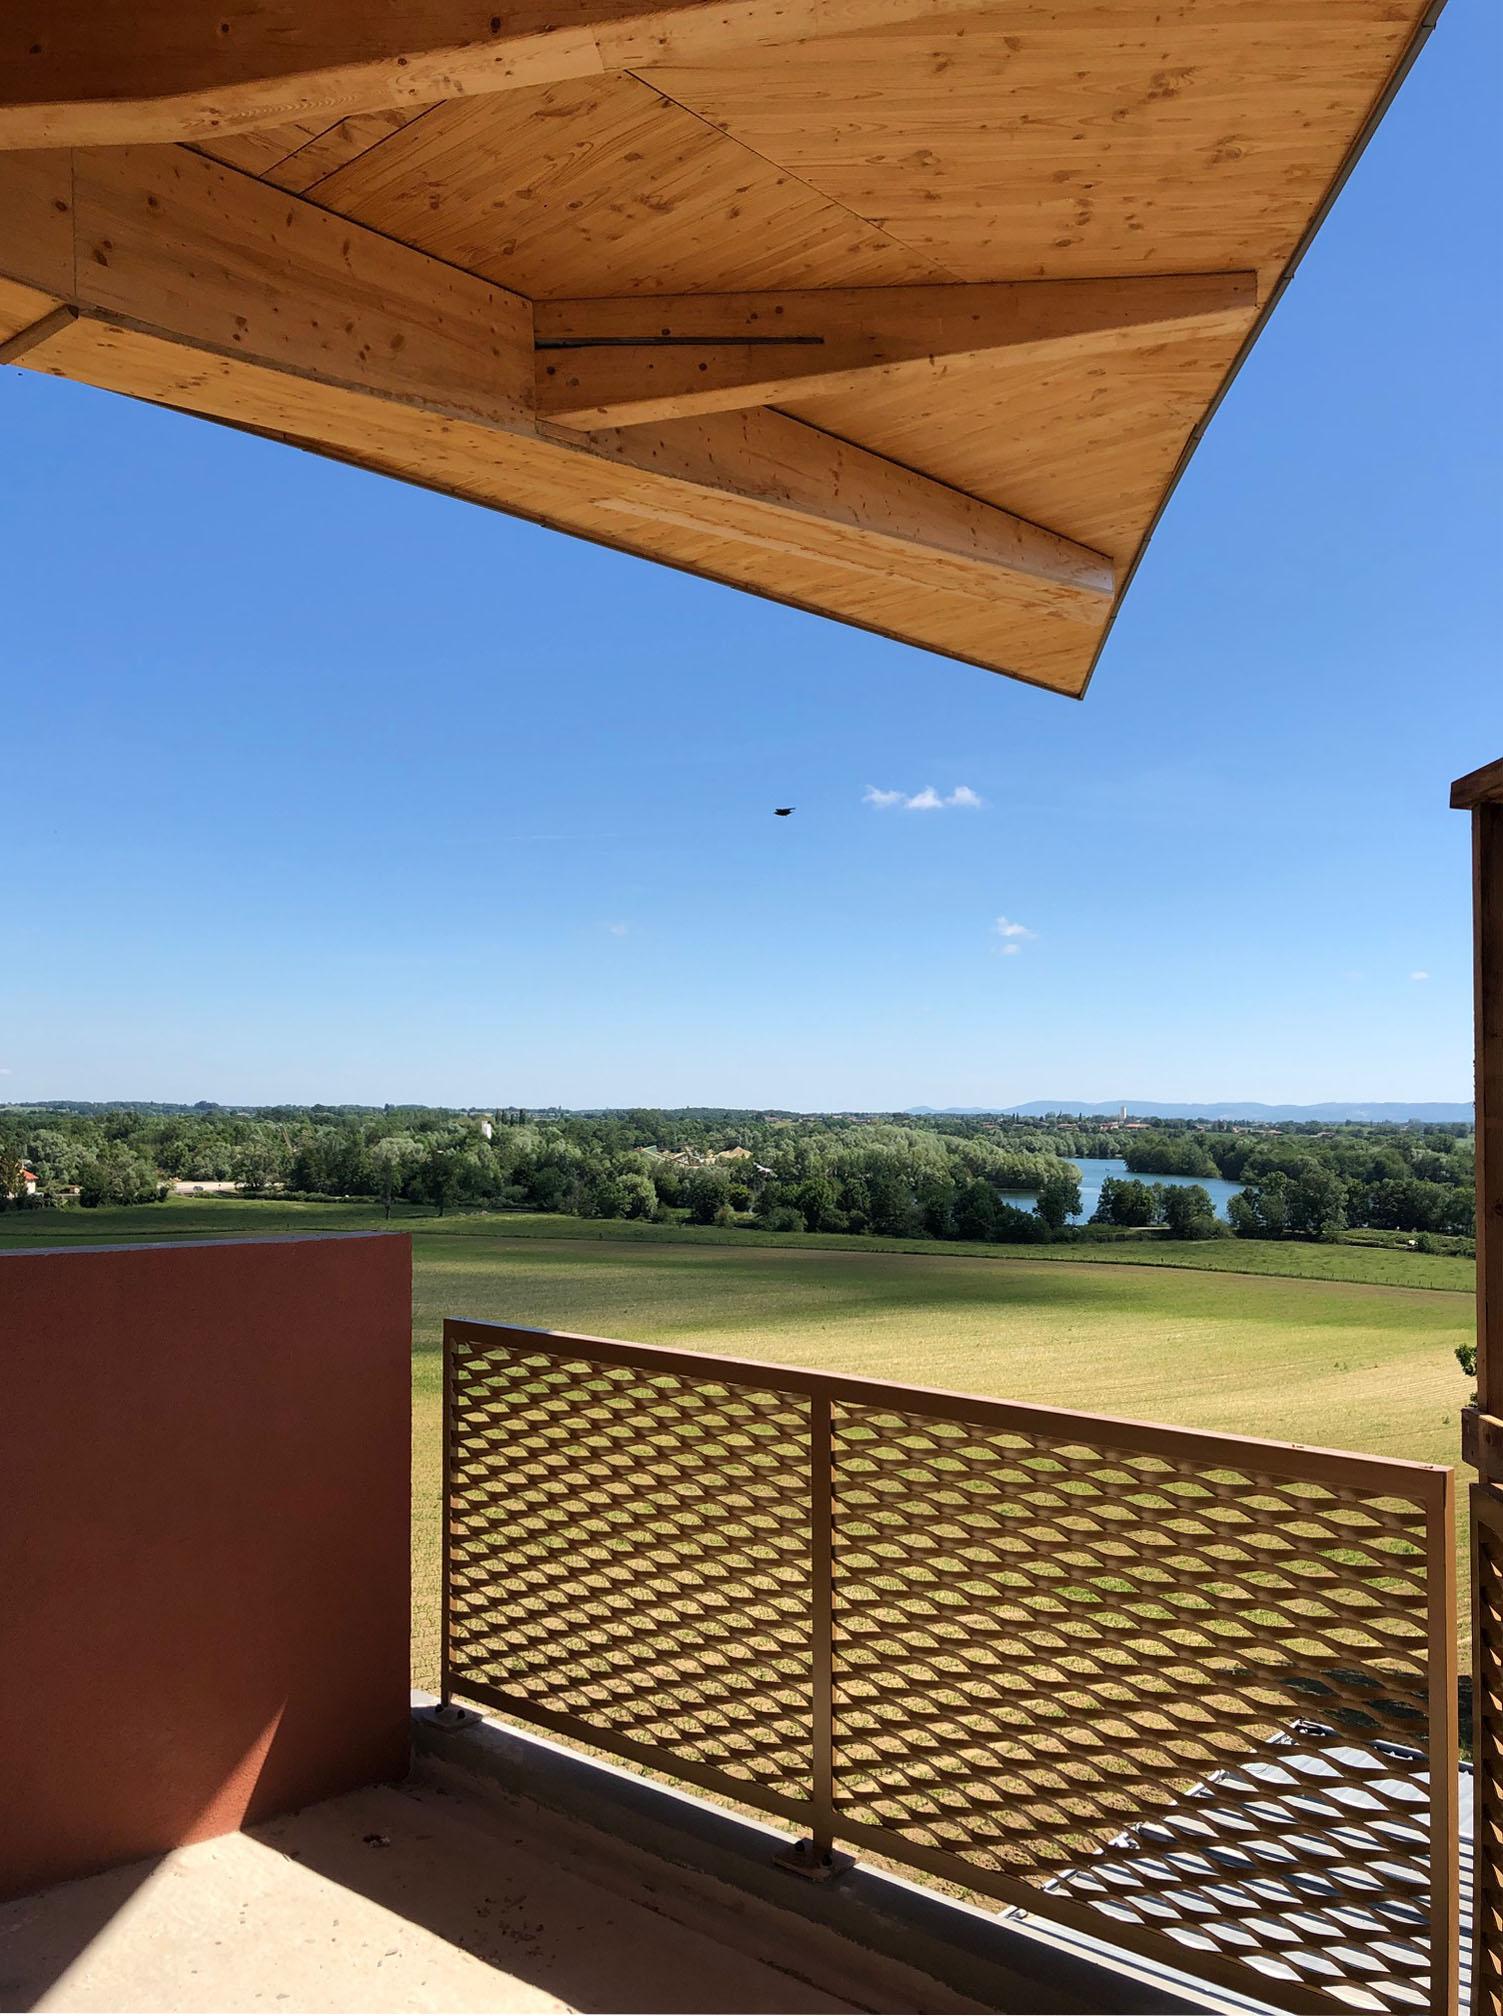 Montrevel Jayat_chantier_vue depuis la terrasse de l' immeuble collectif